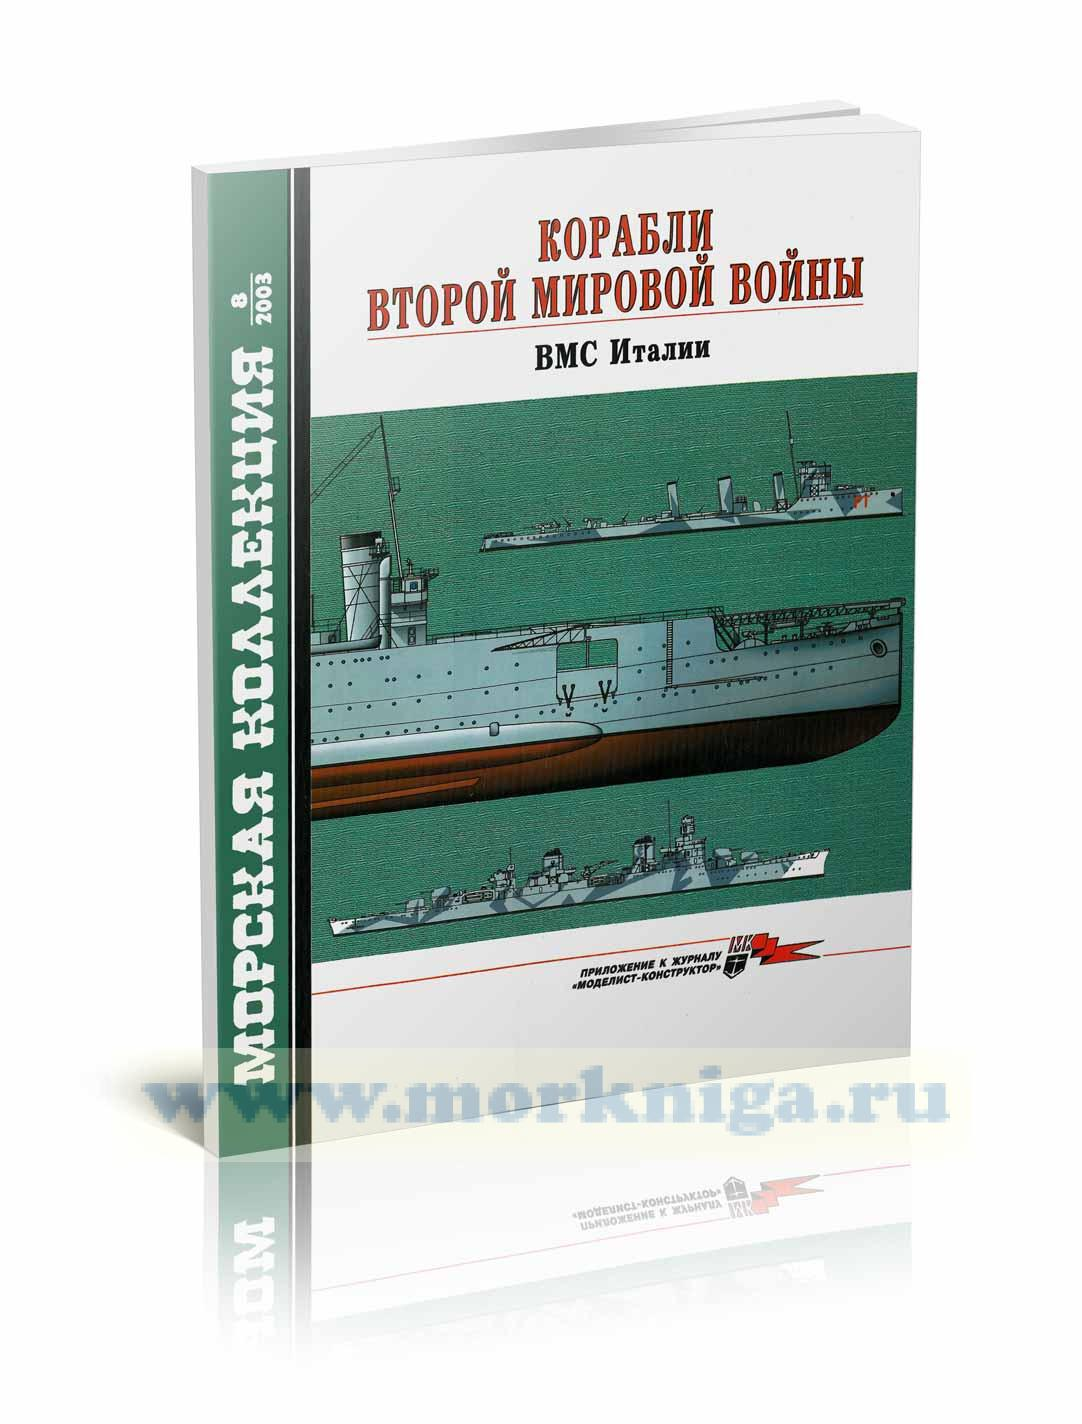 Корабли ВМС Италии. Морская коллекция №8 (2003)